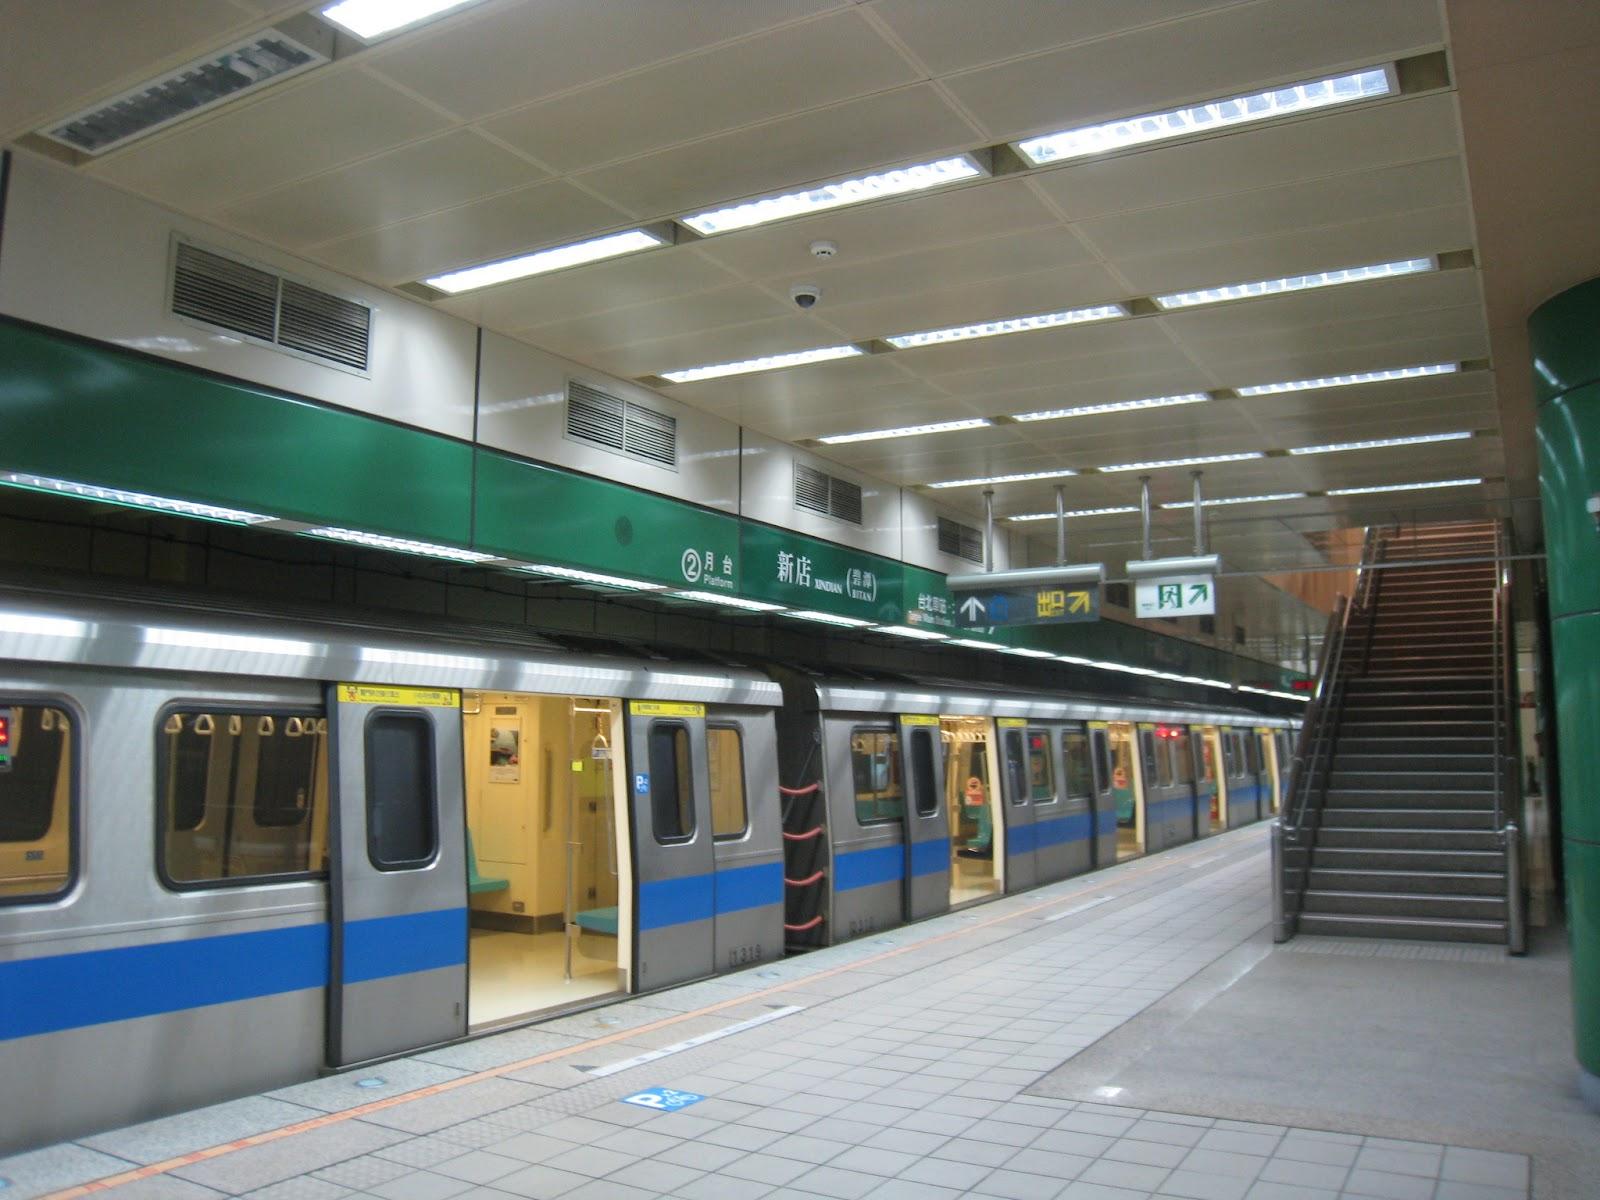 悠遊臺灣-捷運新店站